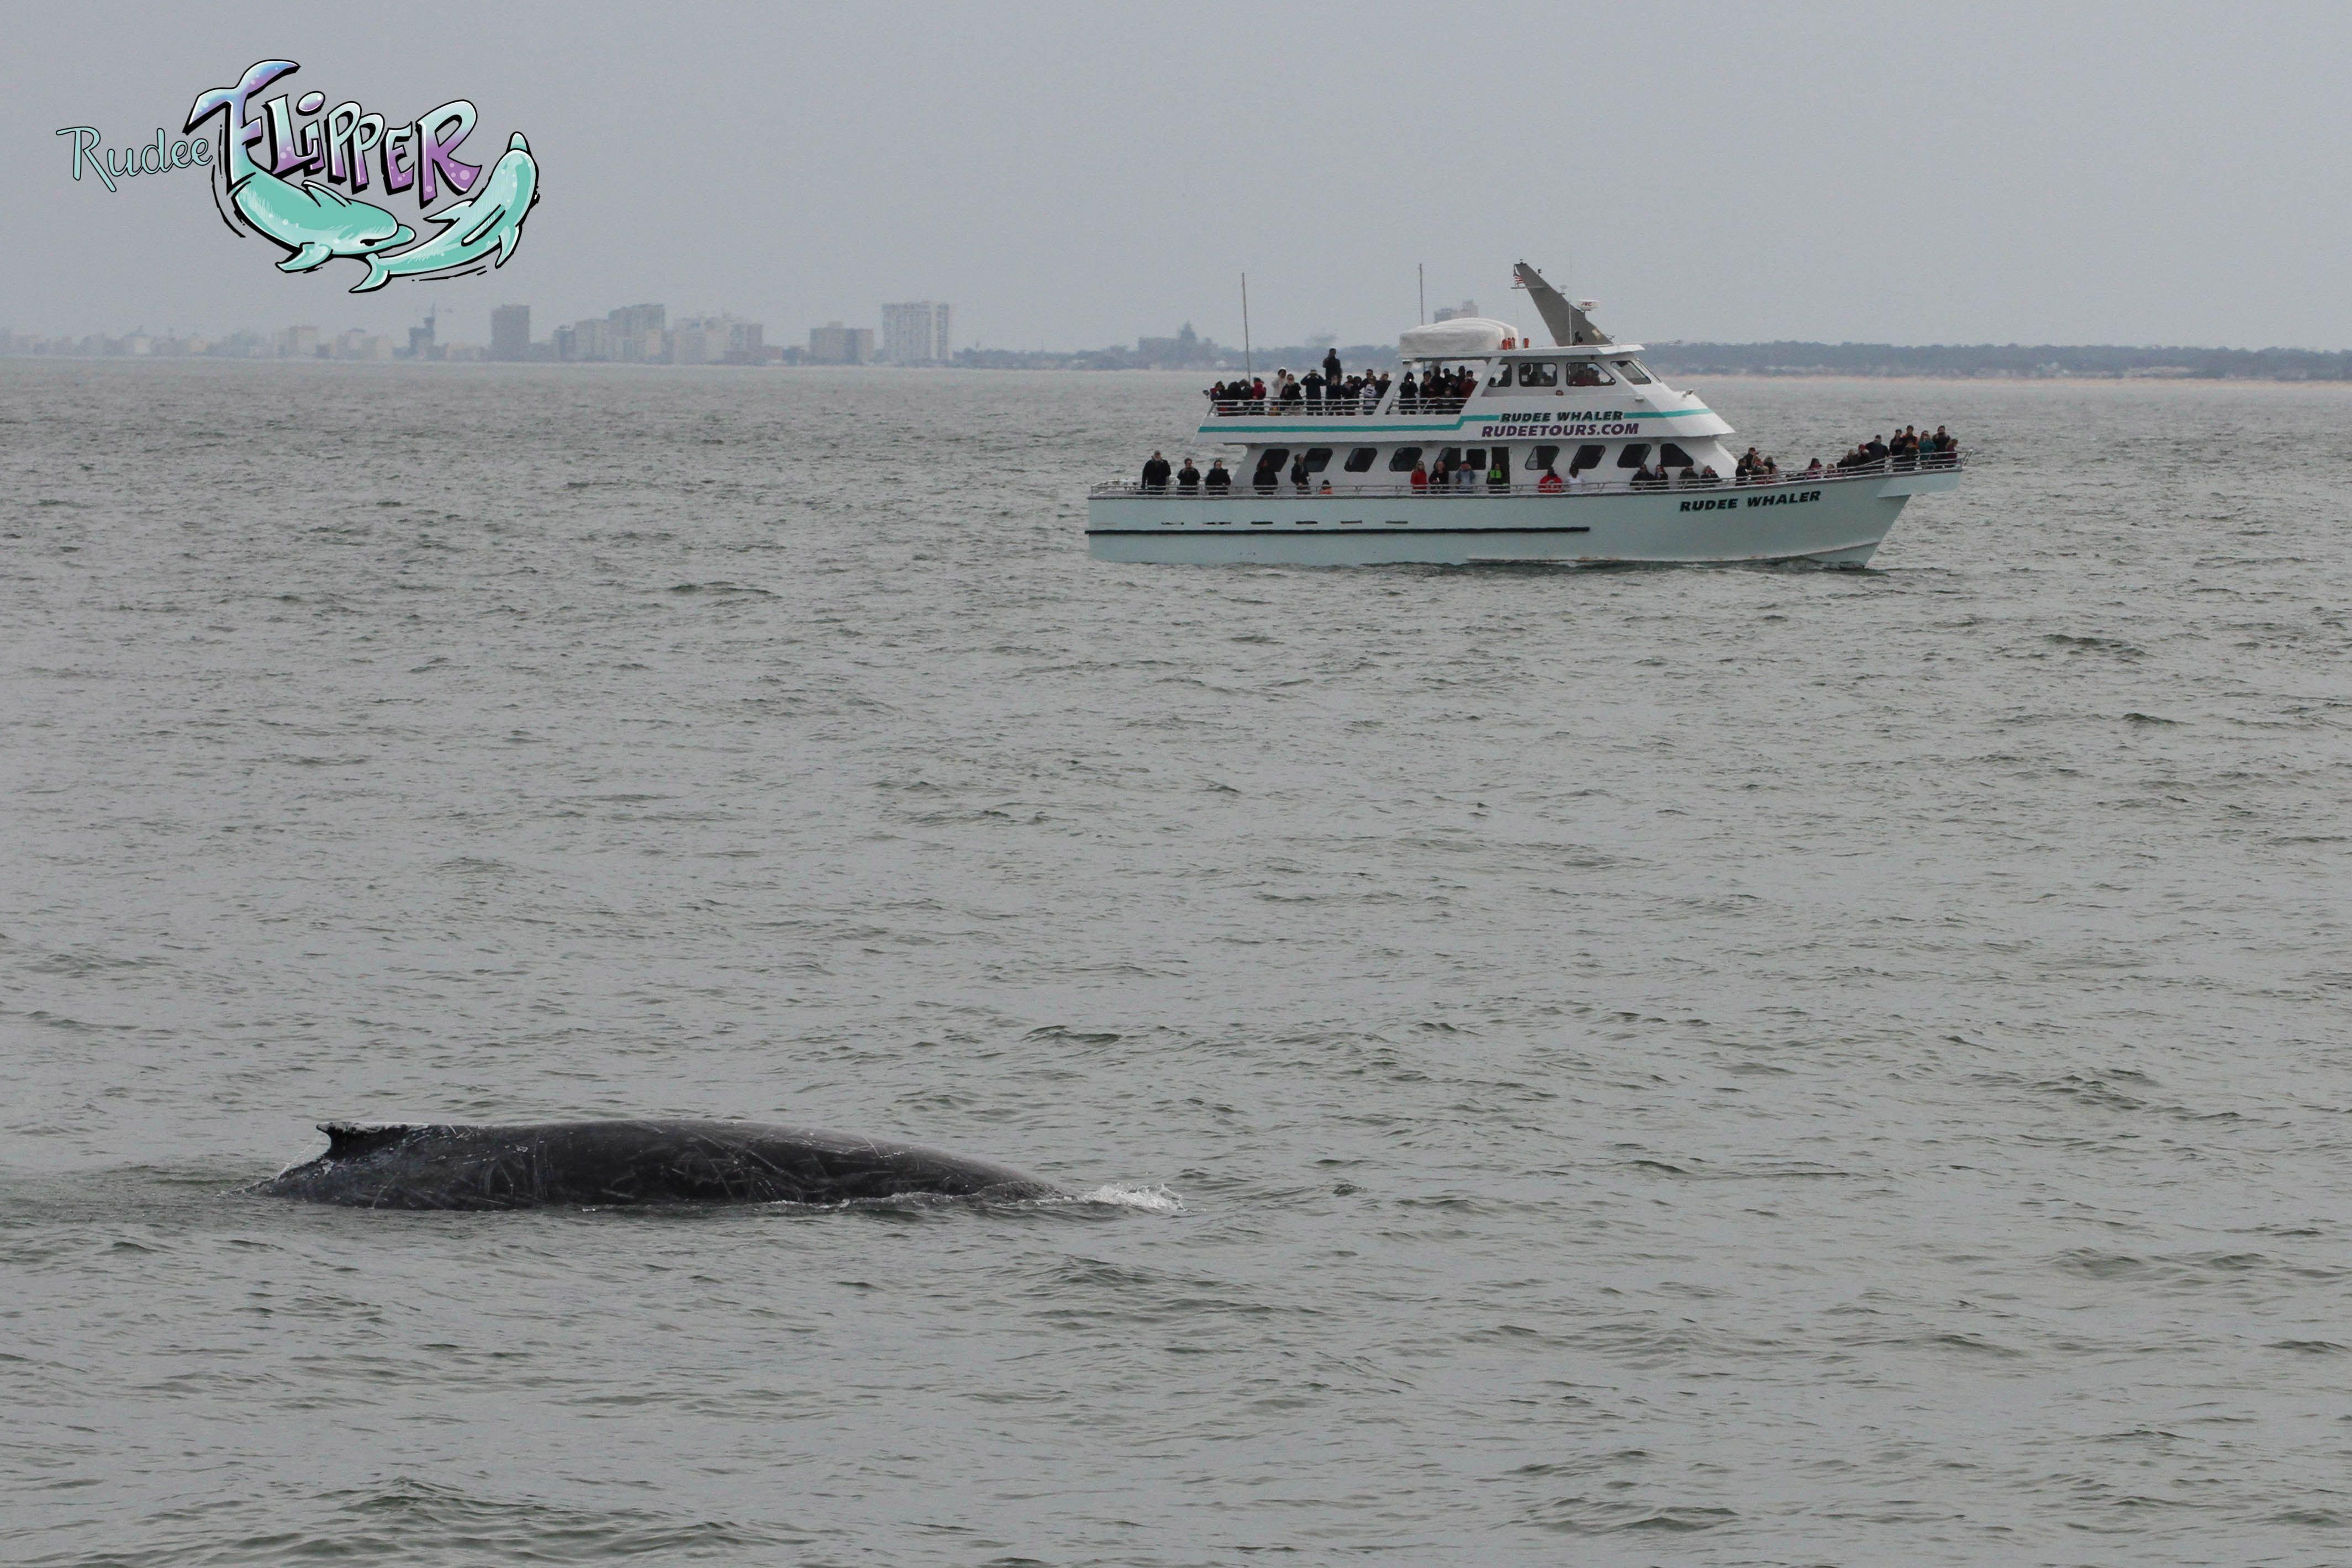 Whale Watching Rudee Tours Virginia Beach Va